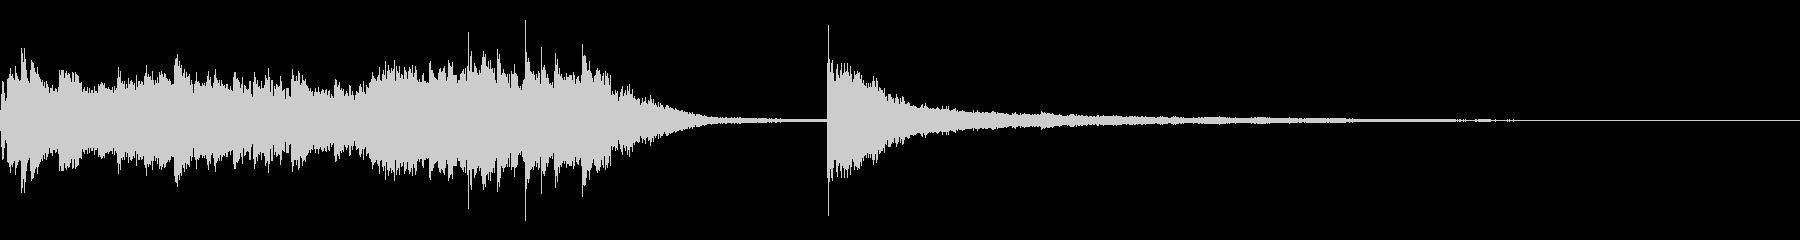 ピアノによるアイキャッチ(印象派風)の未再生の波形